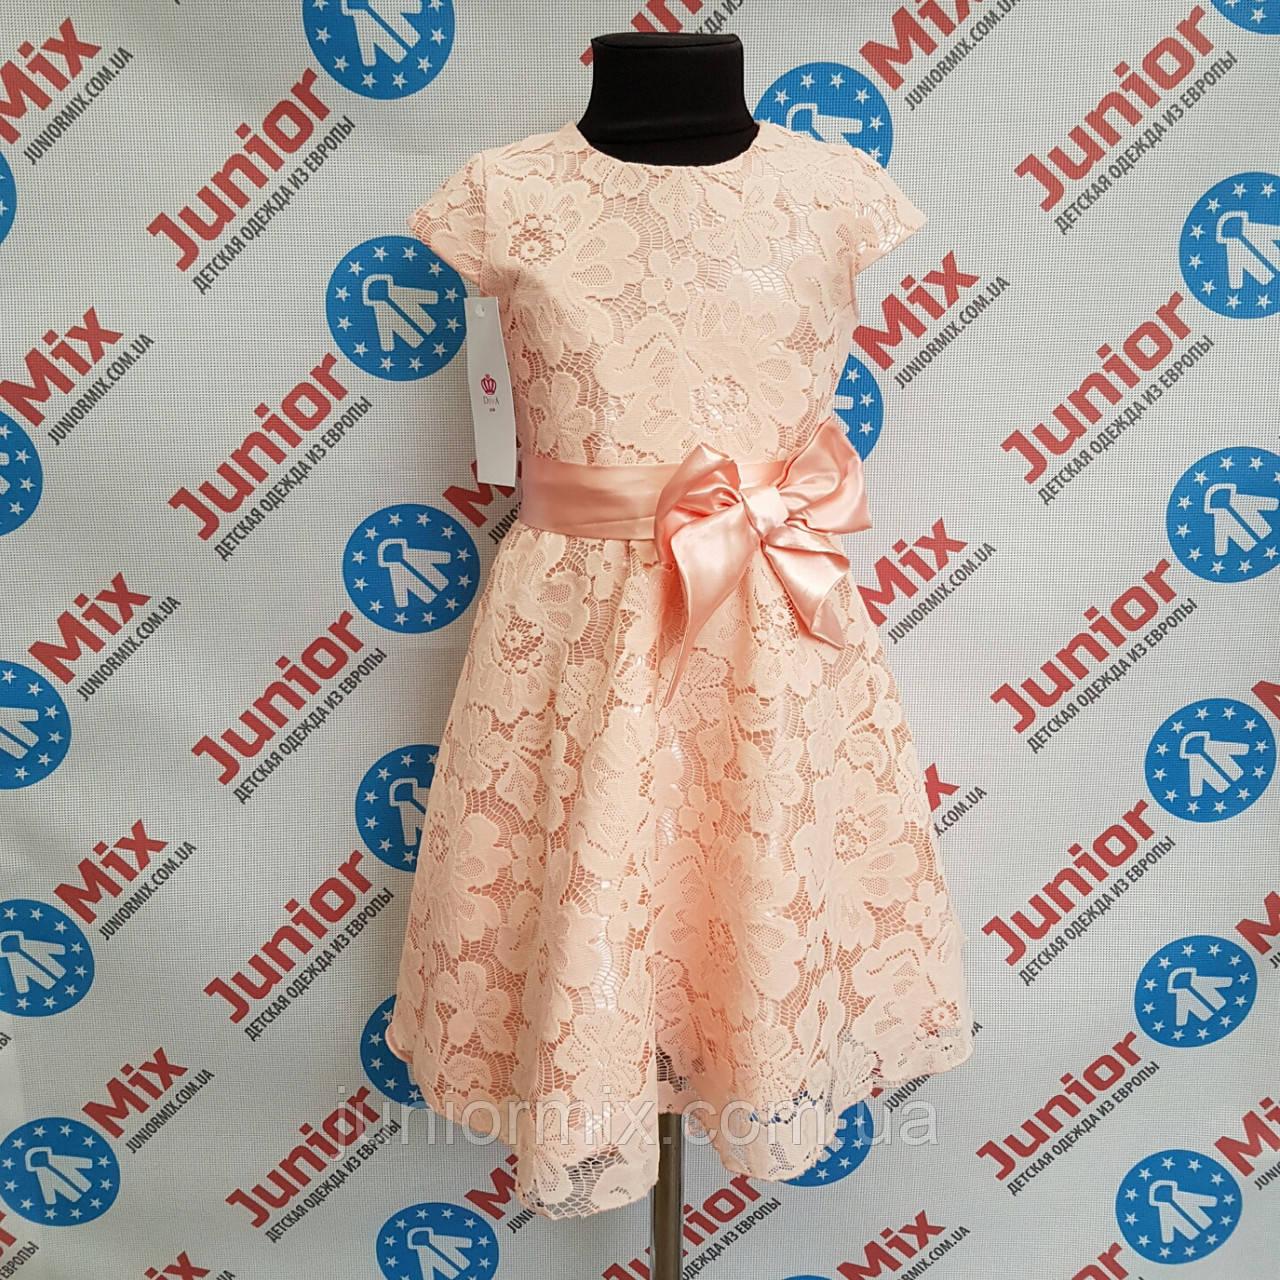 Платье на девочку подросток гипюровое DEVA.ПОЛЬША.